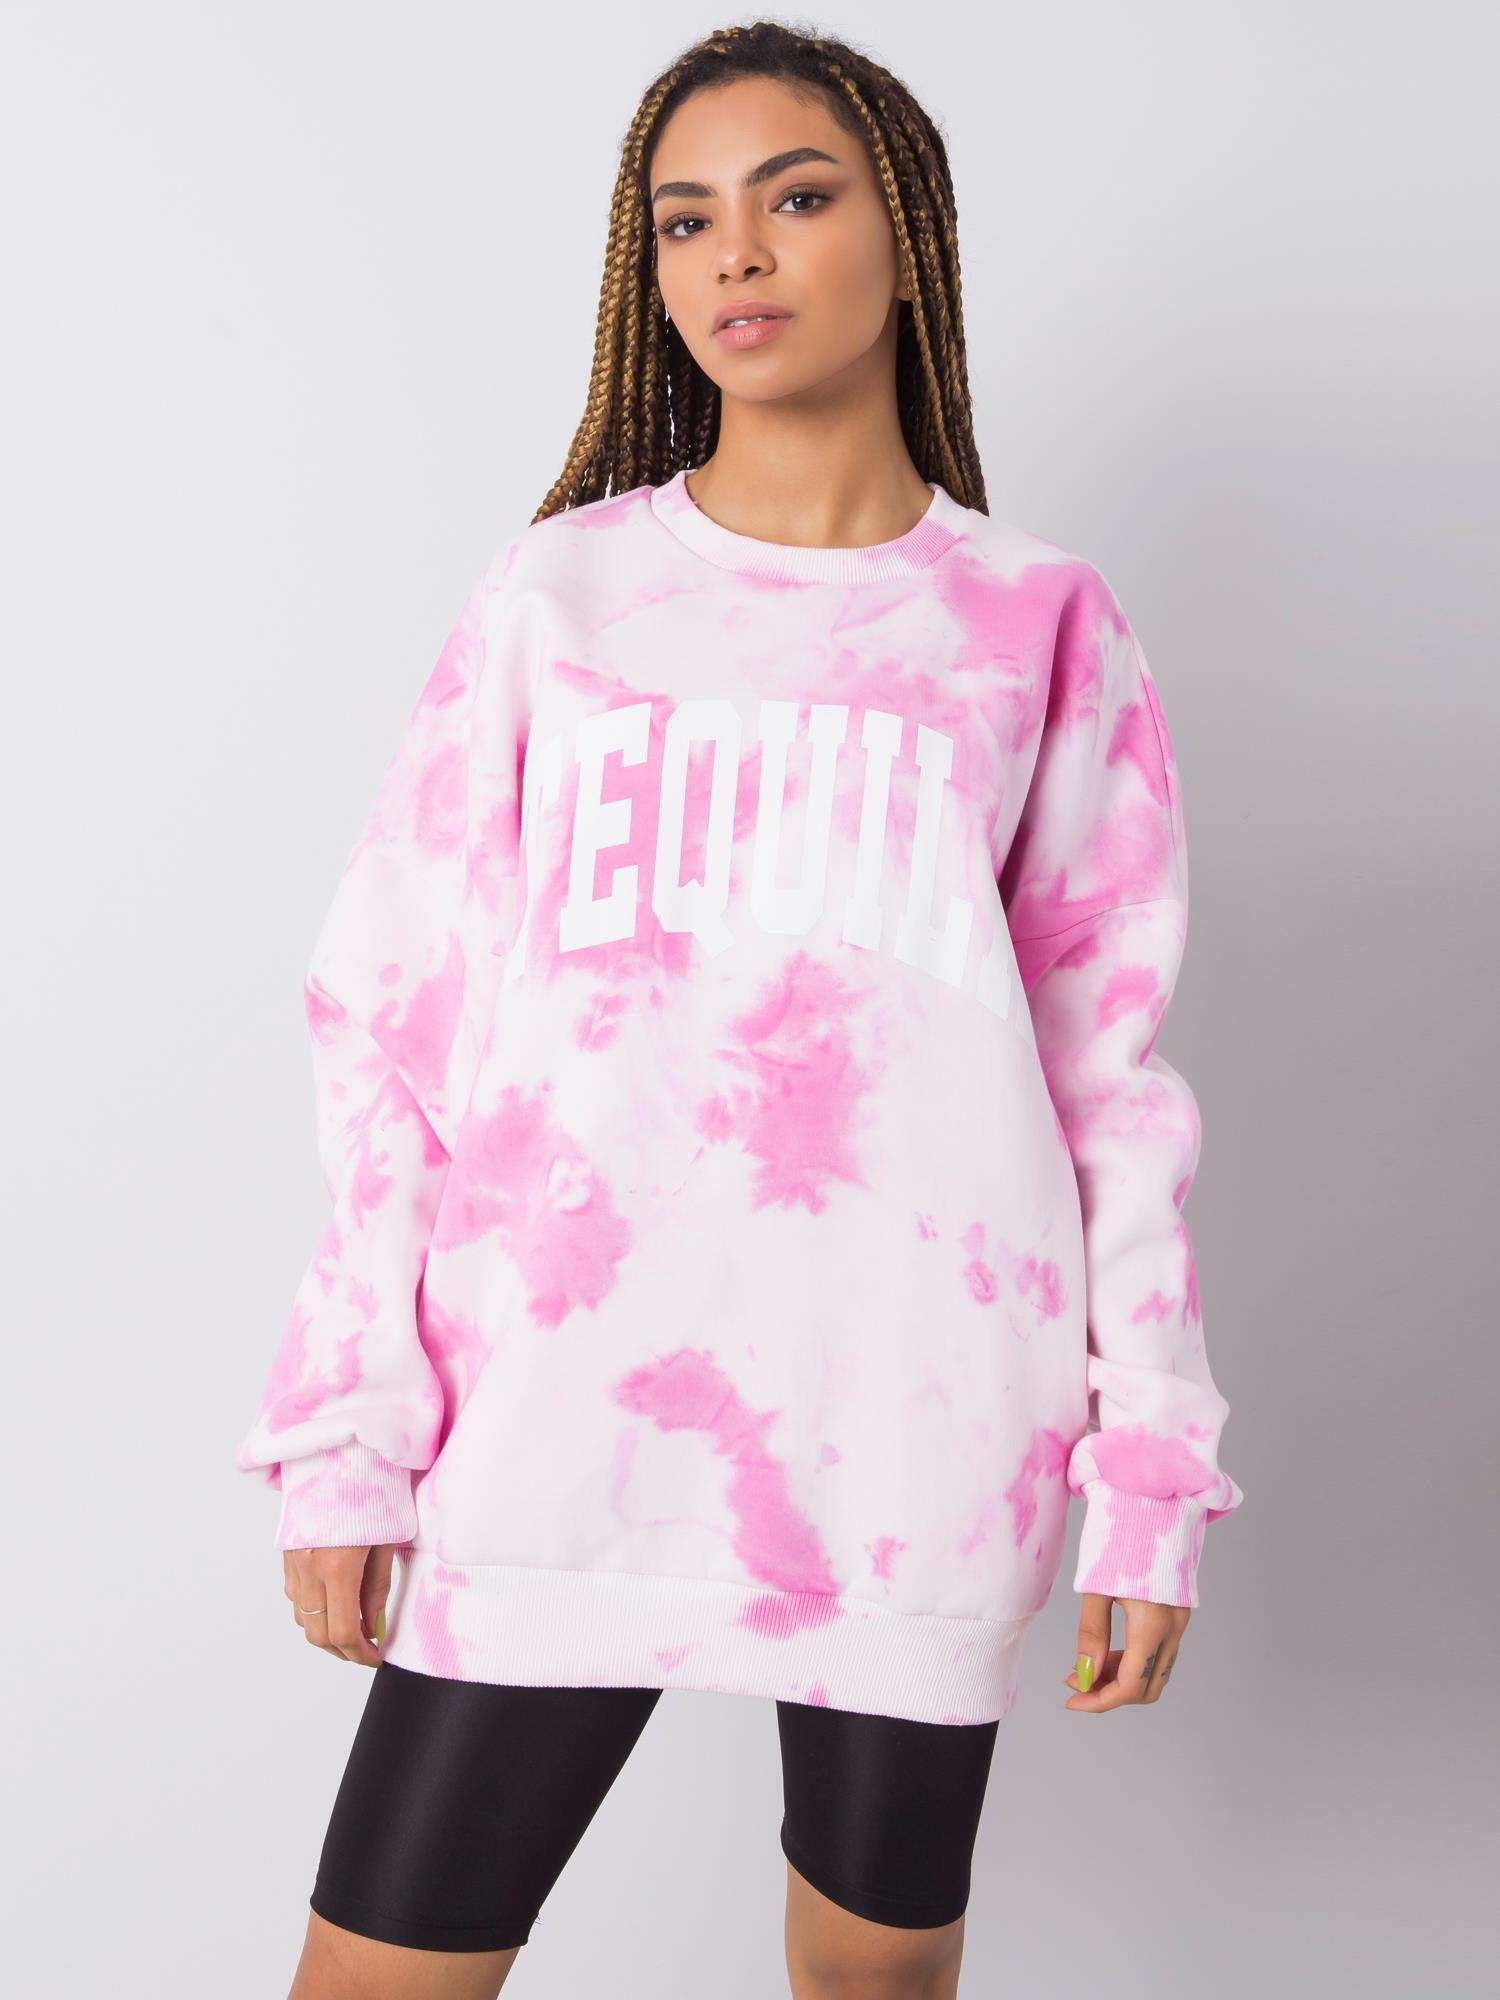 Sweatshirt in Rosa Weiß Tie-Dye Komplettansicht